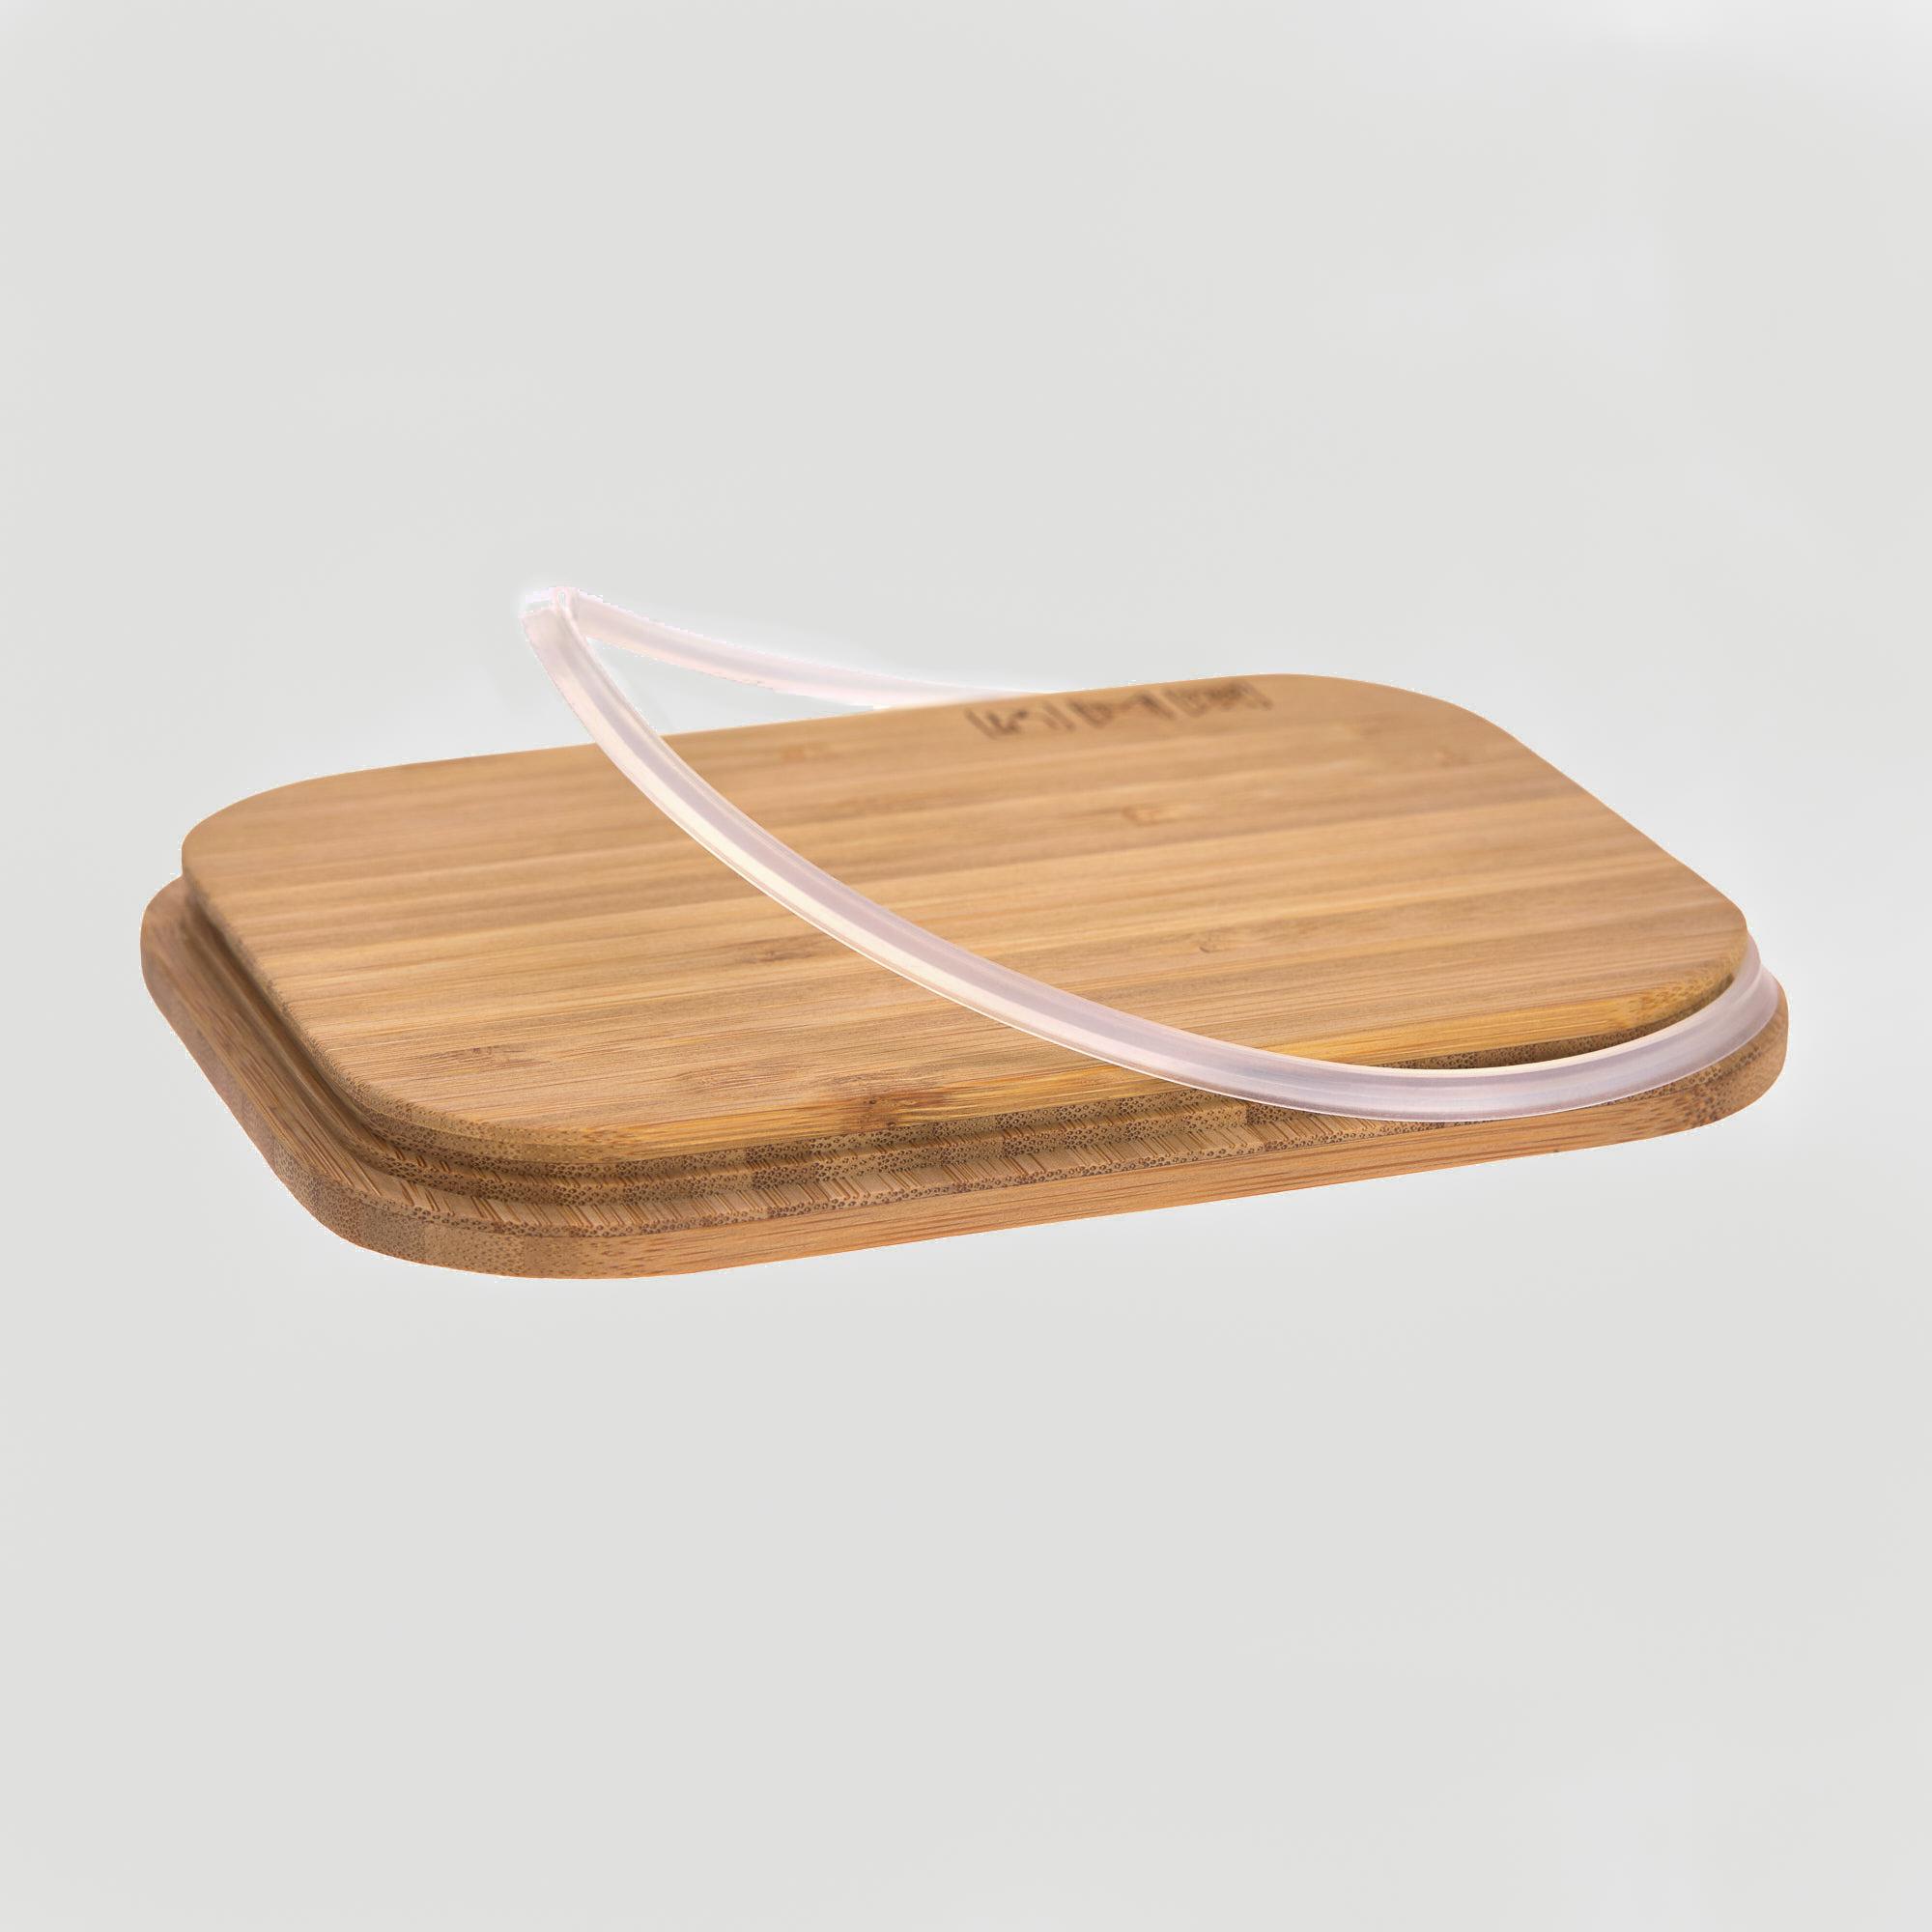 Bambusdeckel mit Dichtungsring von Edelstahl-Lunchbox.